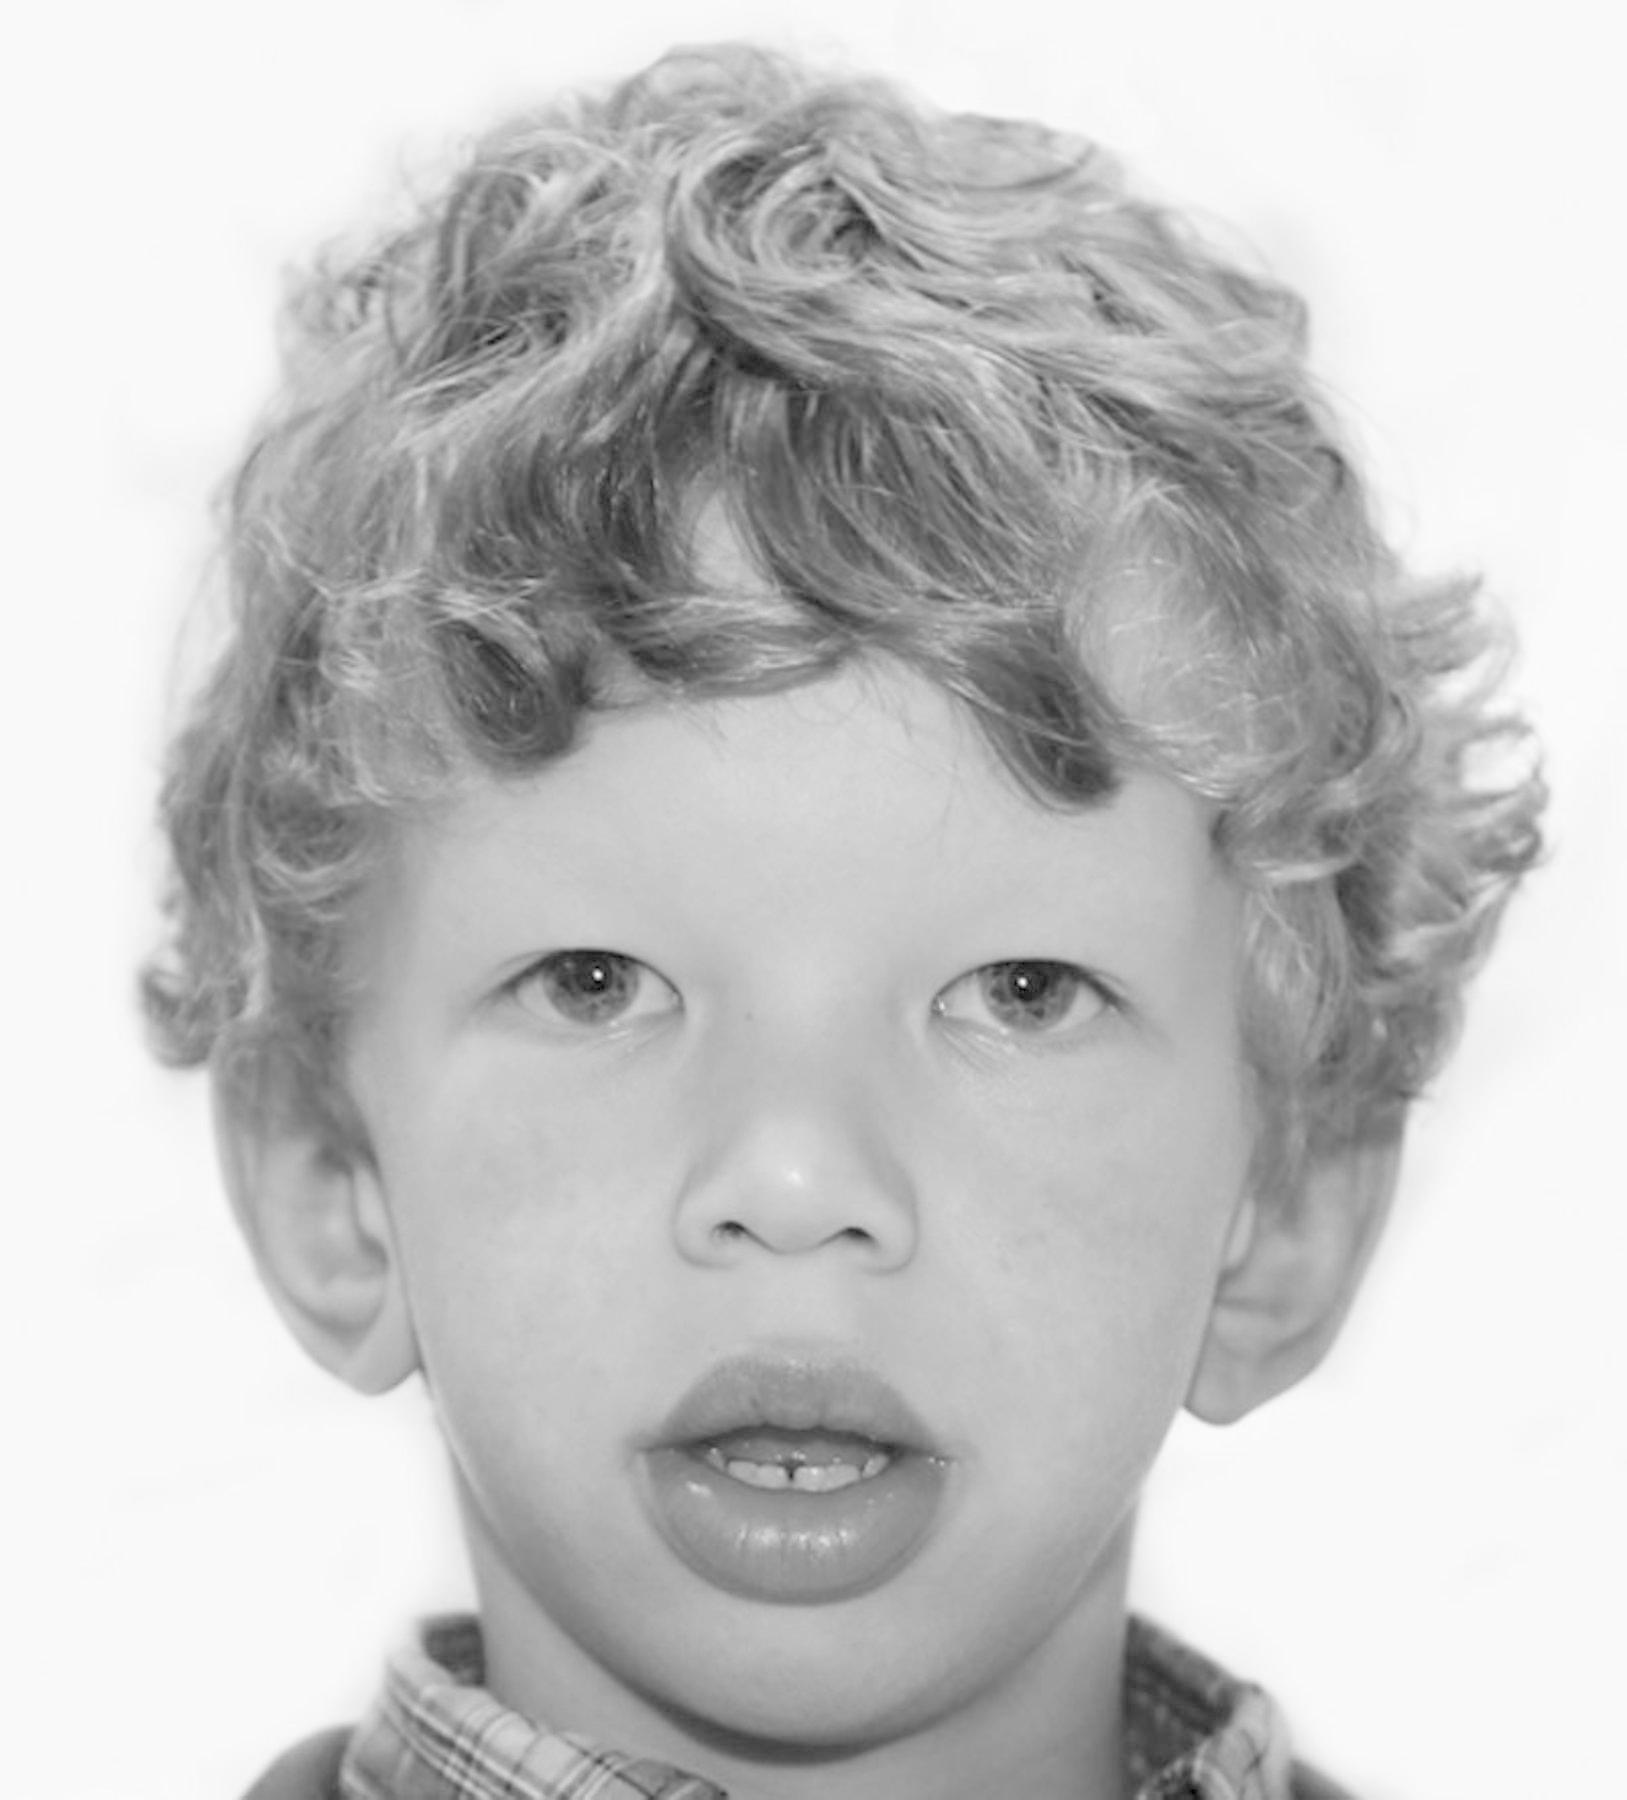 Синдром вильямса – дети с эльфийскими лицами